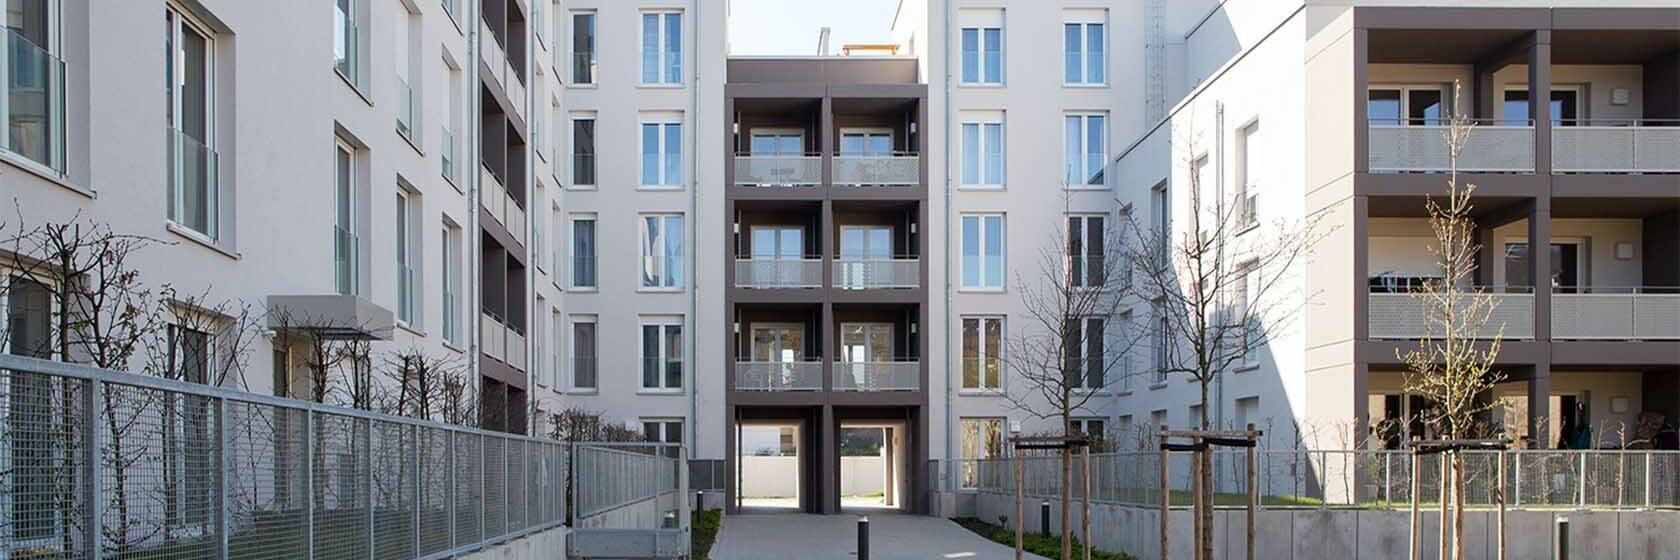 Wohnen auf dem ehemaligen VGF-Gelände, Frankfurt am Main